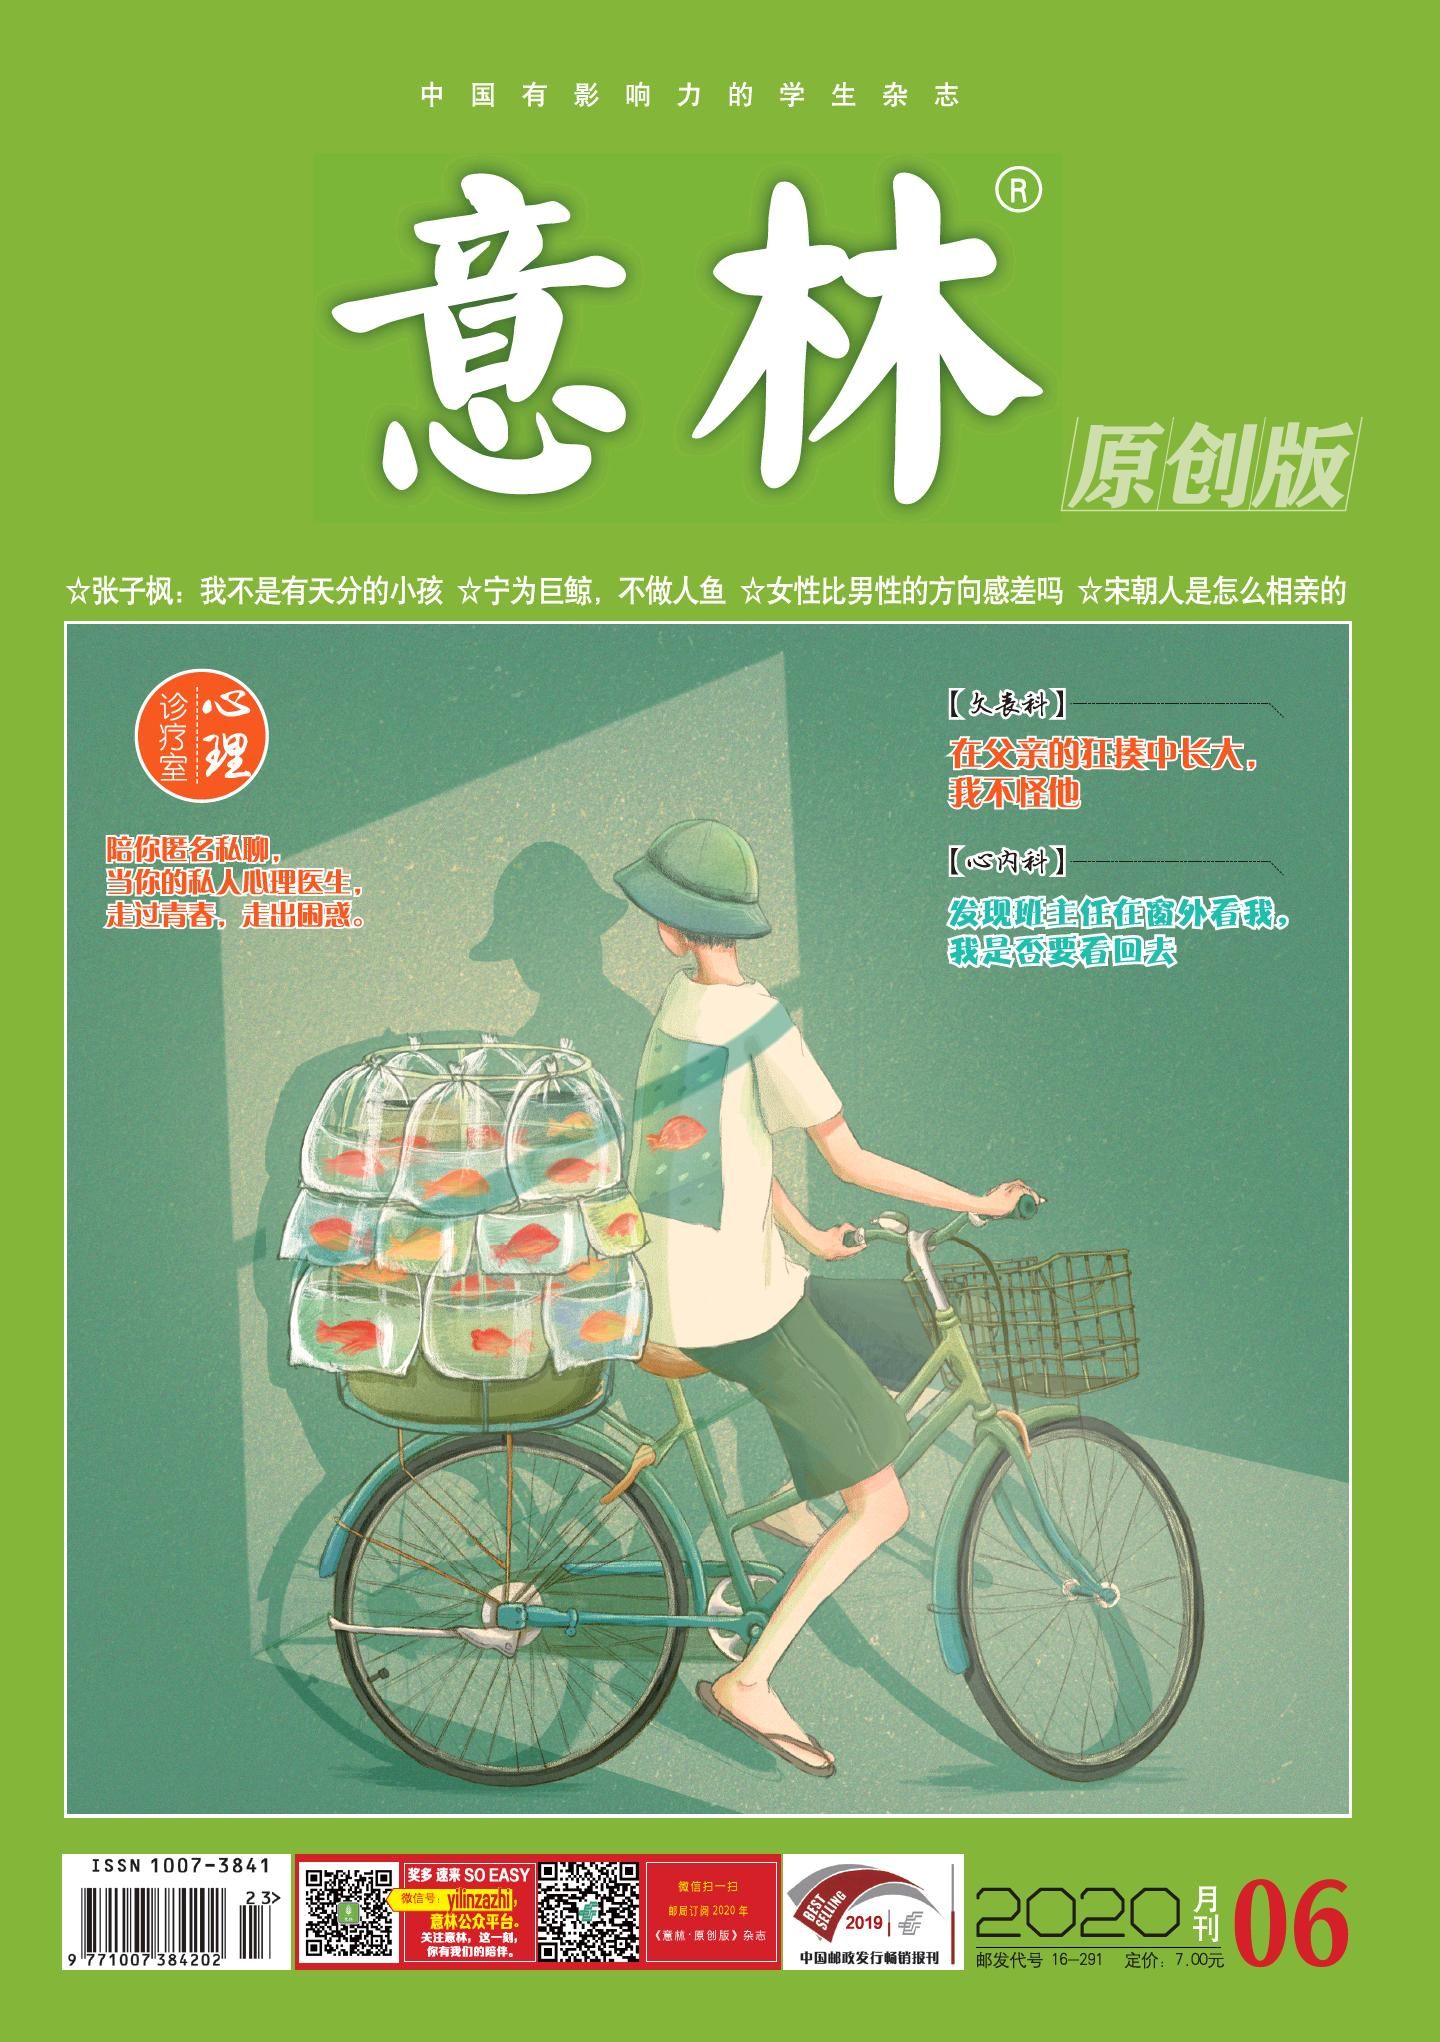 cover - 【在线阅读】意林·原创版